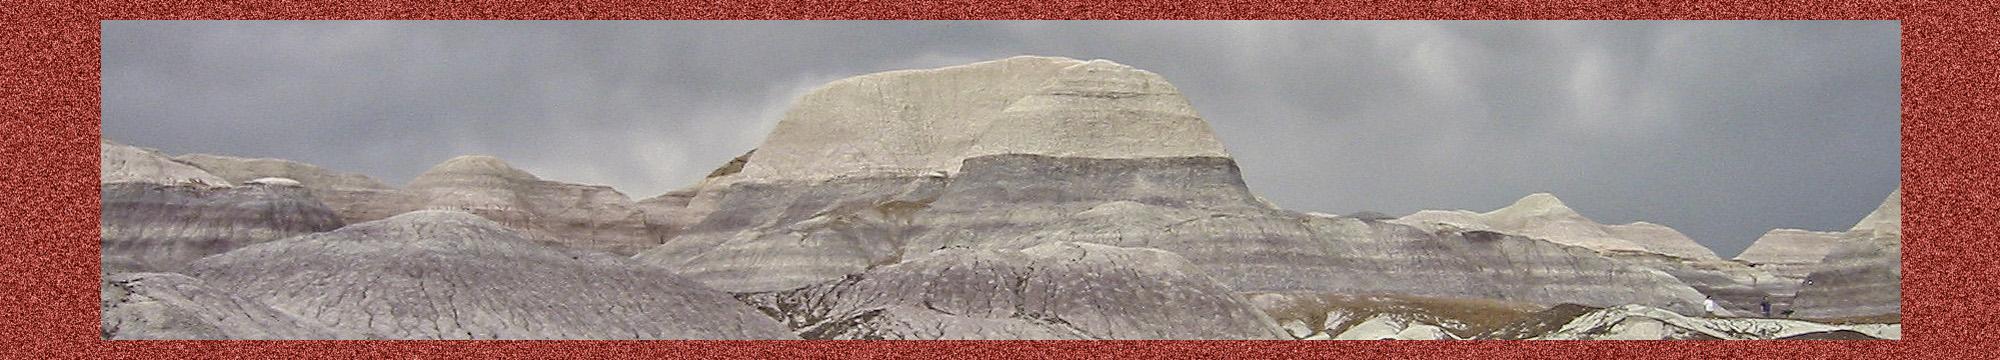 n-arizona-156-f